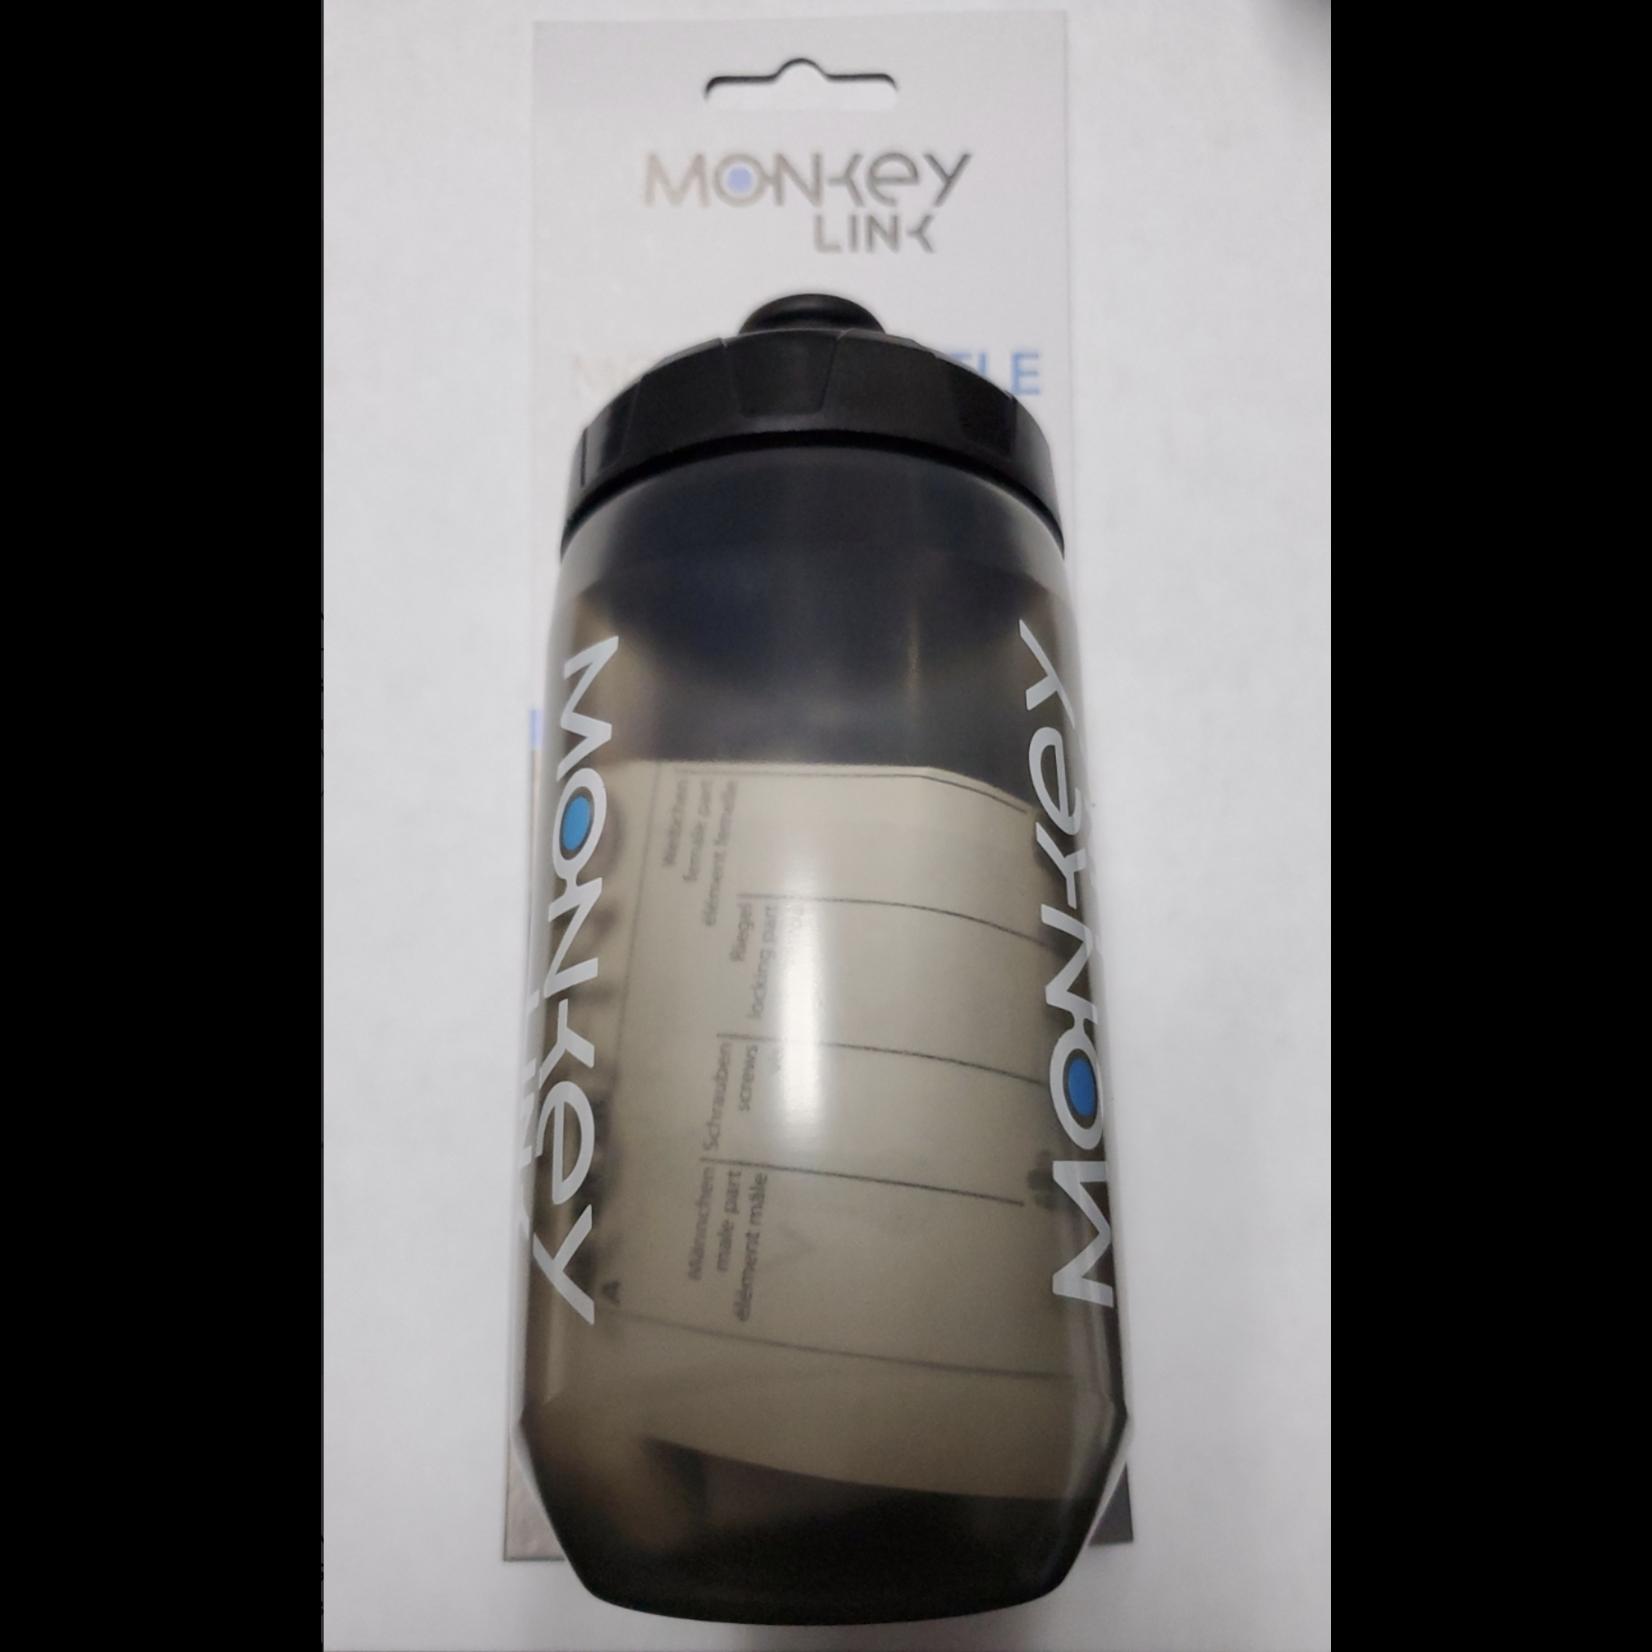 BULLS Monkey Link Water Bottle 13.5 oz